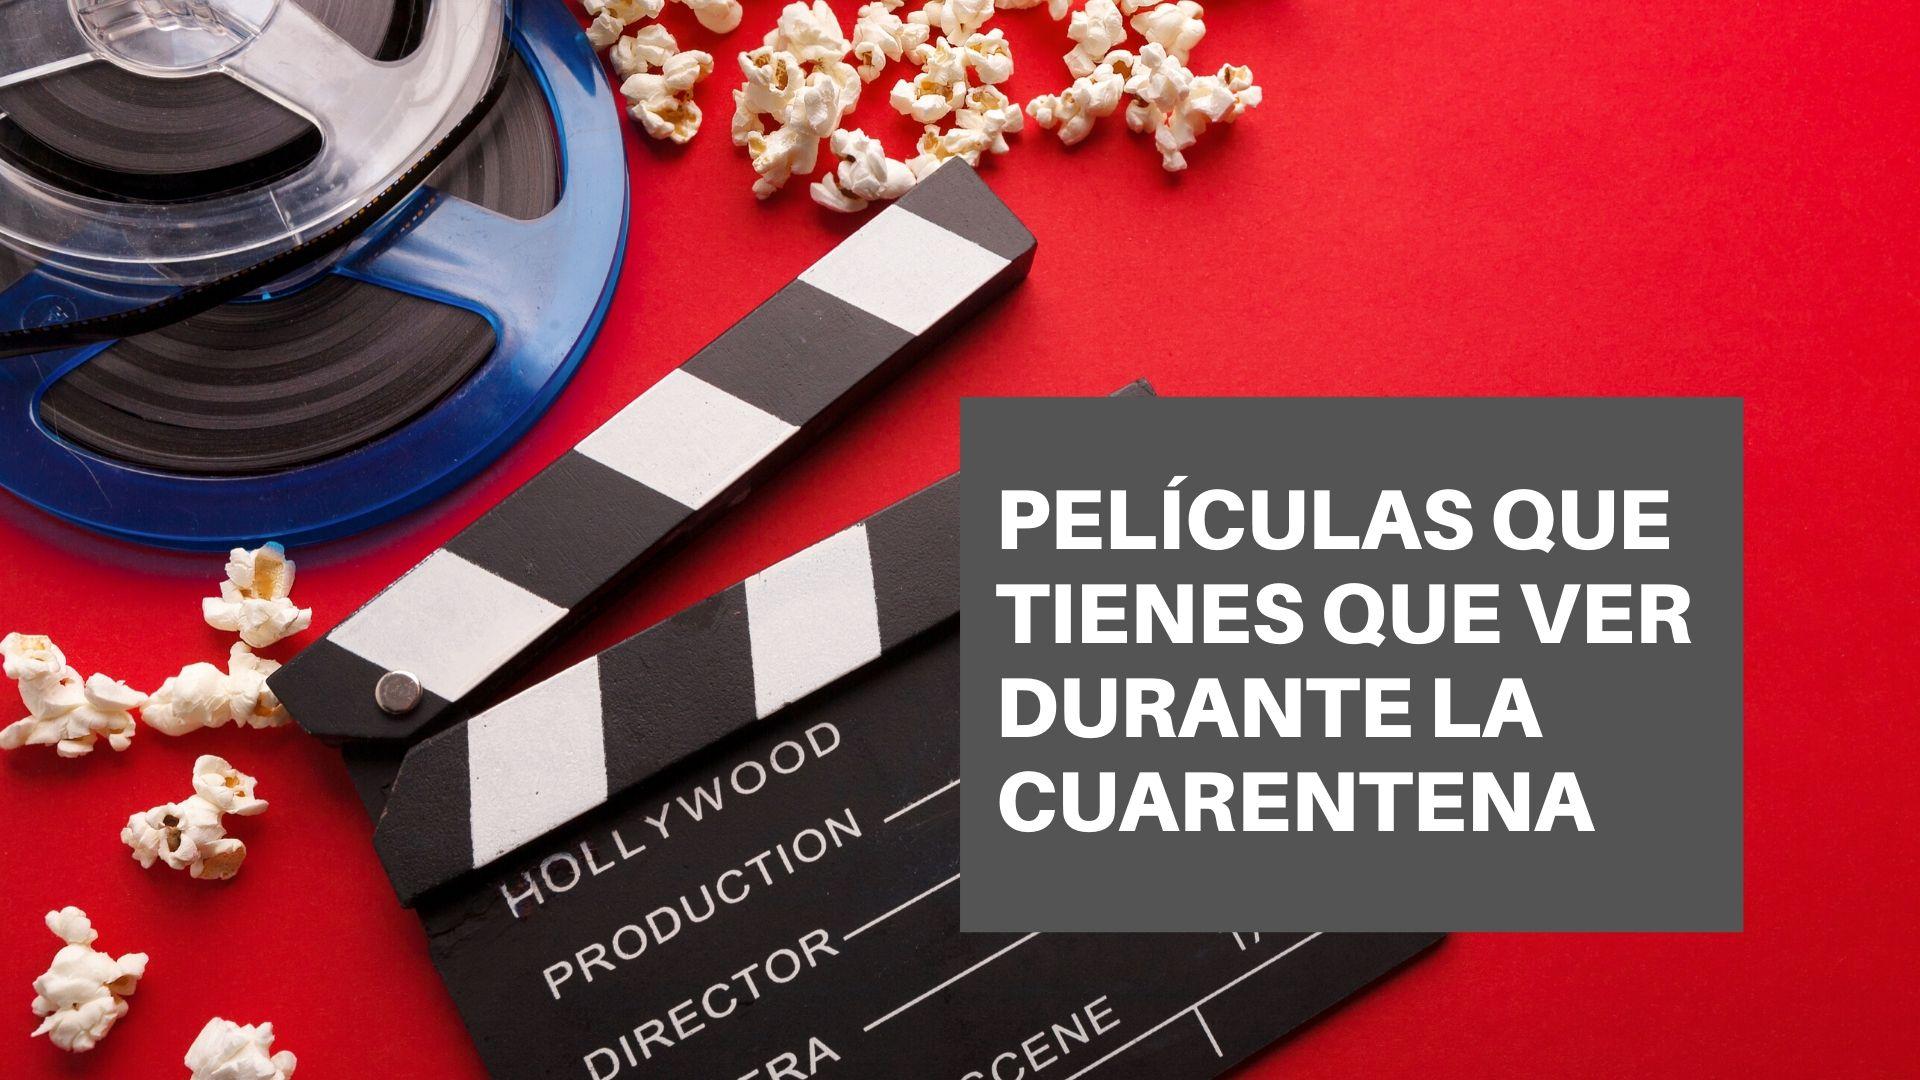 Se han encontrado 497 películas online del 2021. Ver Peliculas Online Gratis En 2021 Las Mejores Paginas